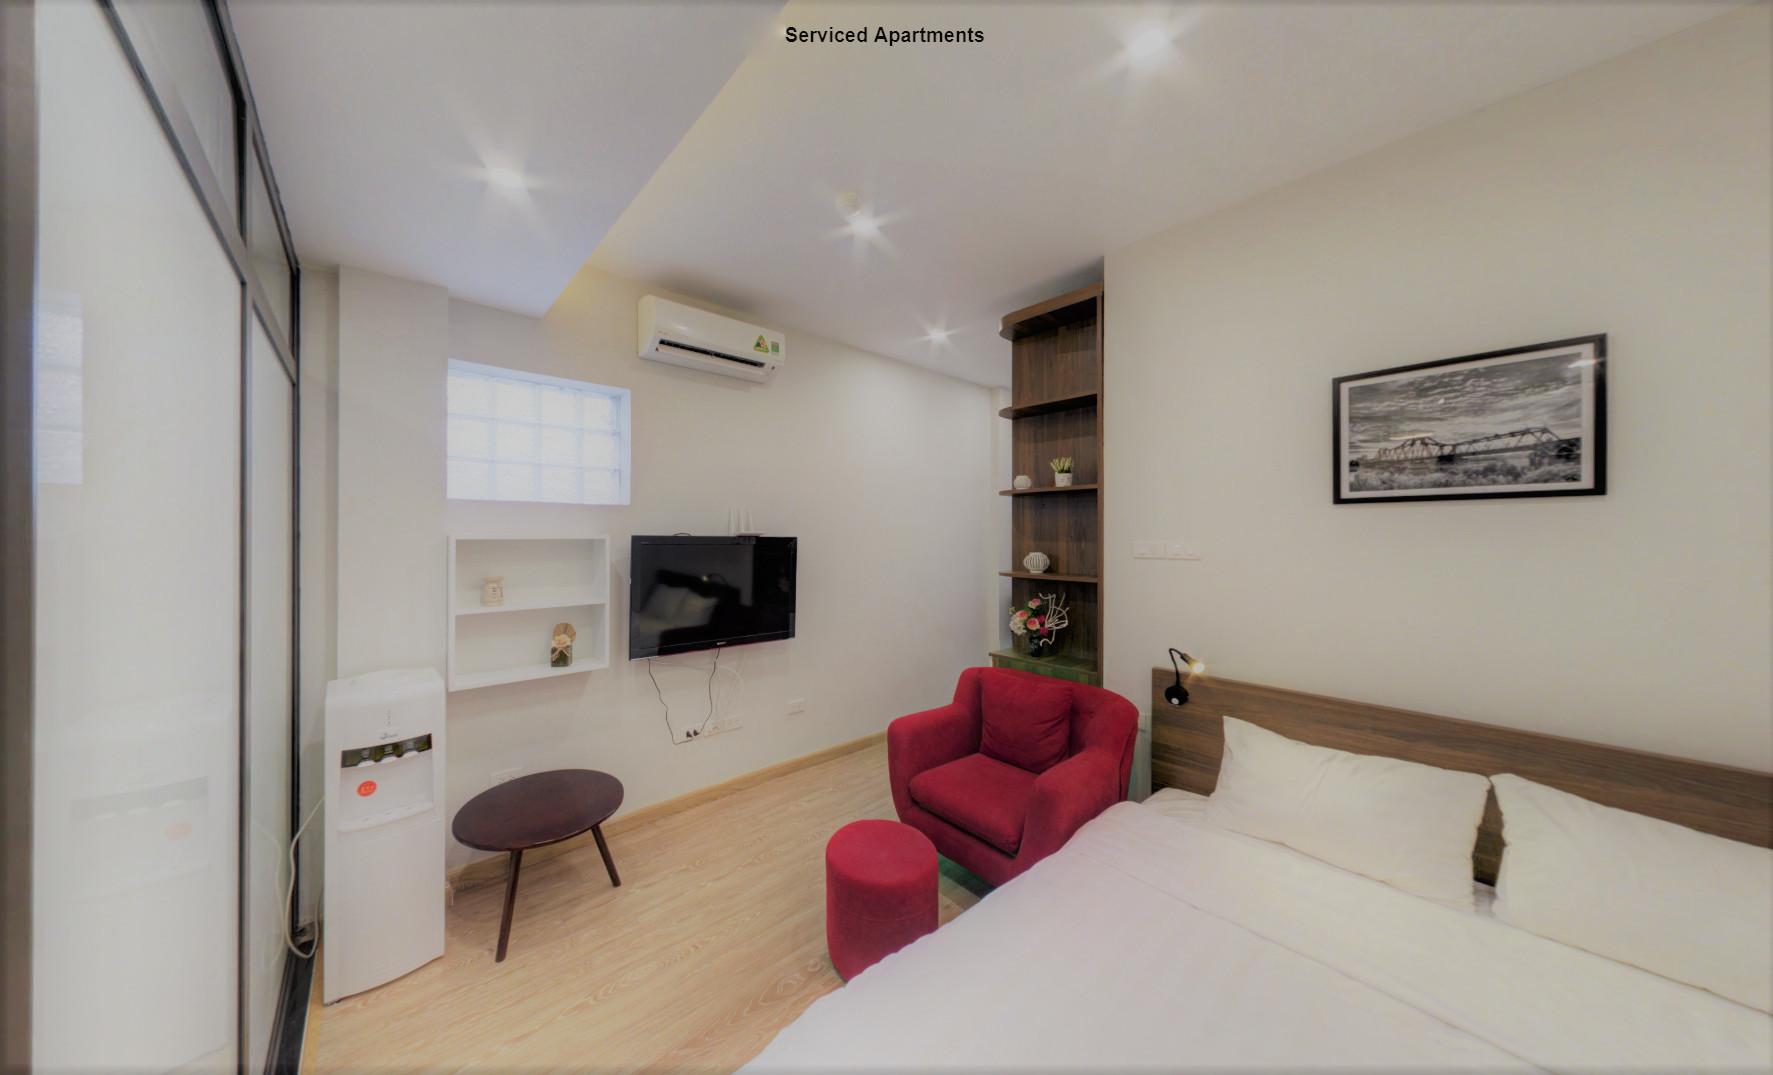 Miễn phí 3 tháng tiền điện, cho thuê CHDV mới đẹp ở gần IPH Thiên đường dành cho khách độc thân tại - Ảnh 3